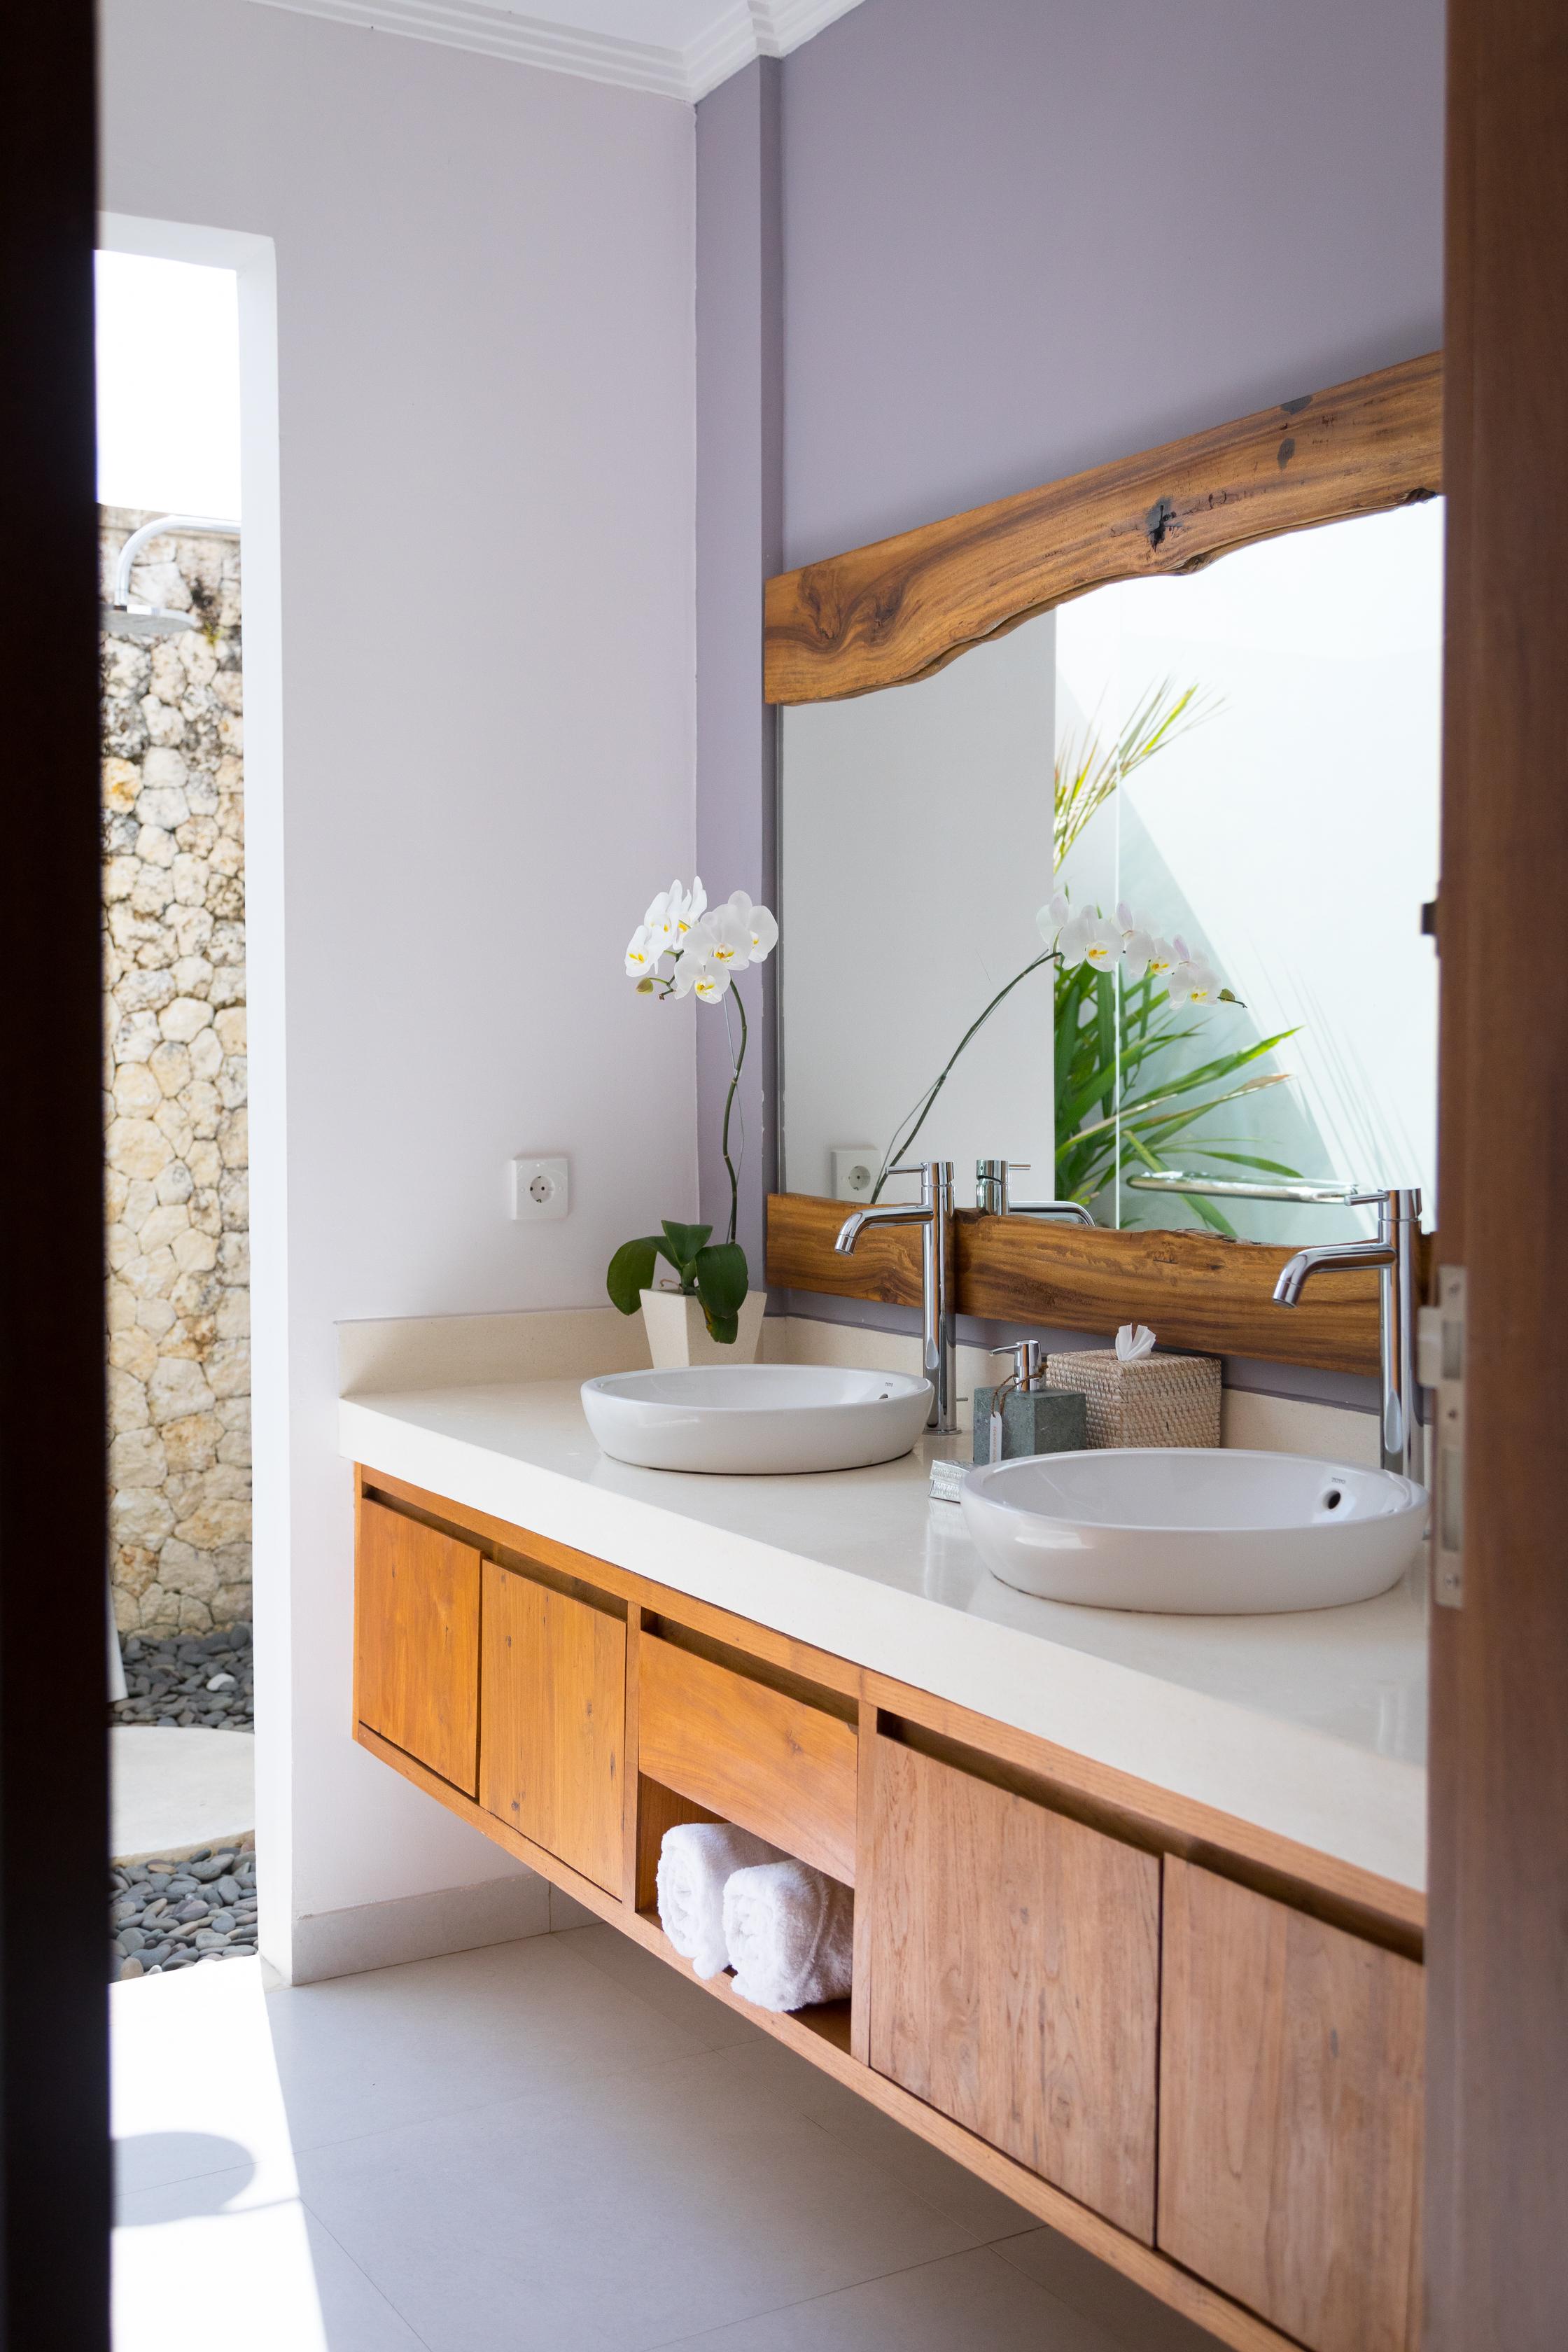 Treetop Bathroom